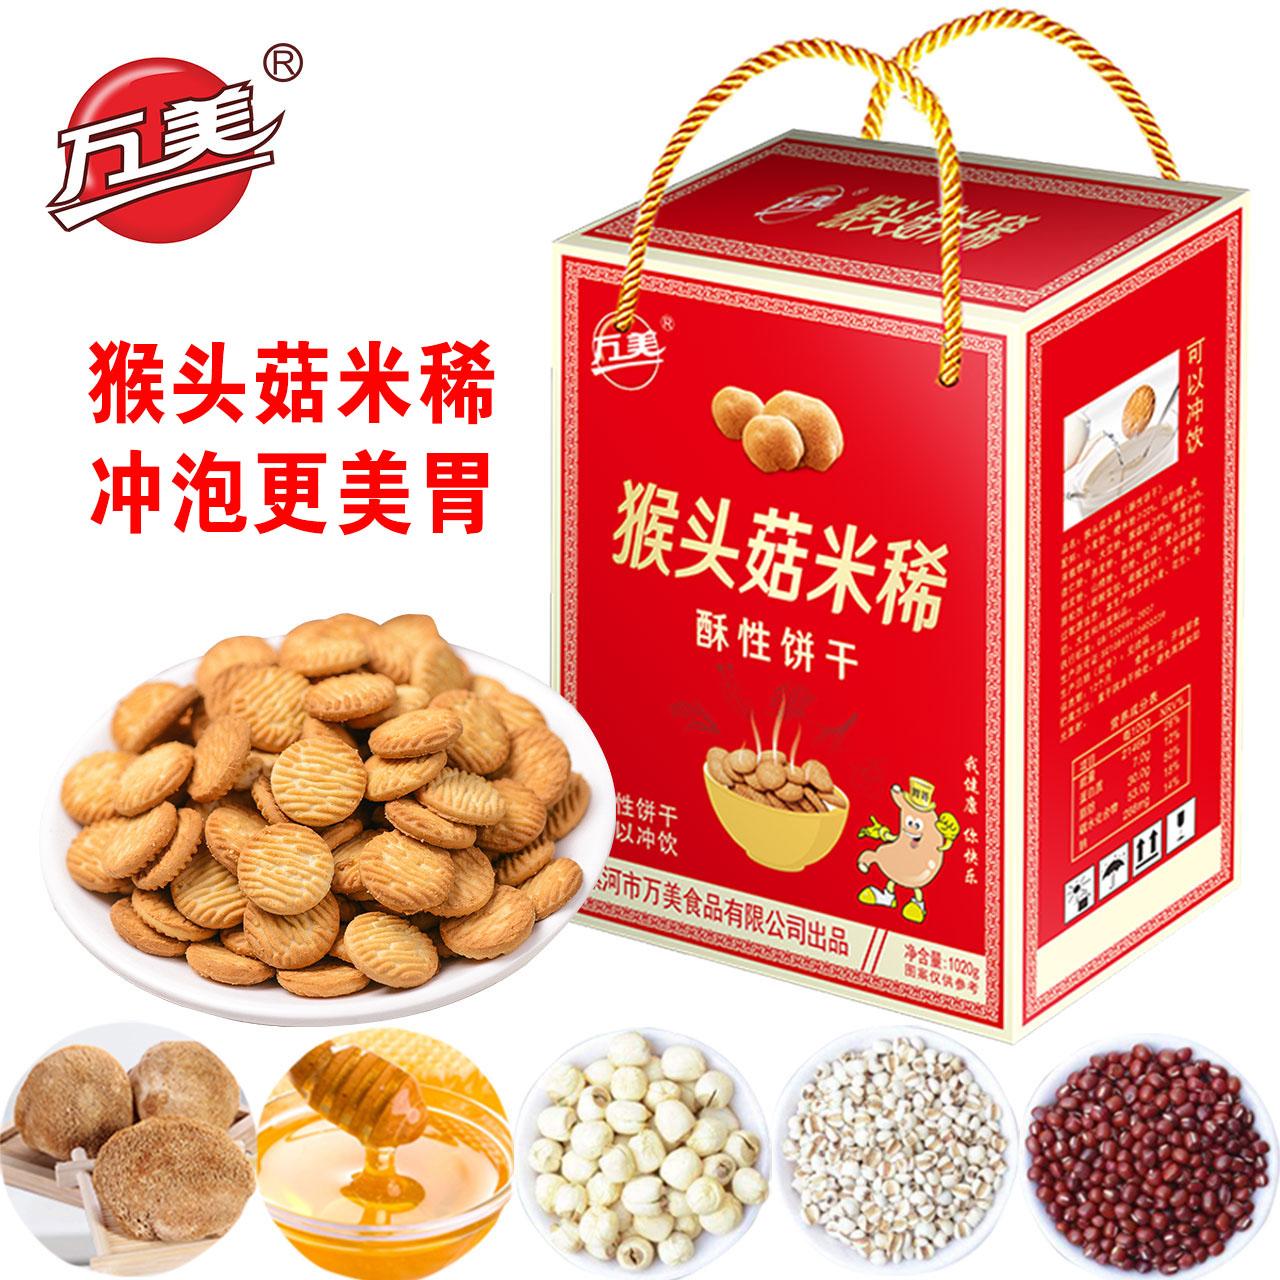 中秋礼品装网红零食小吃猴菇饼干猴头菇饼猴头菇米稀早餐饼干整箱